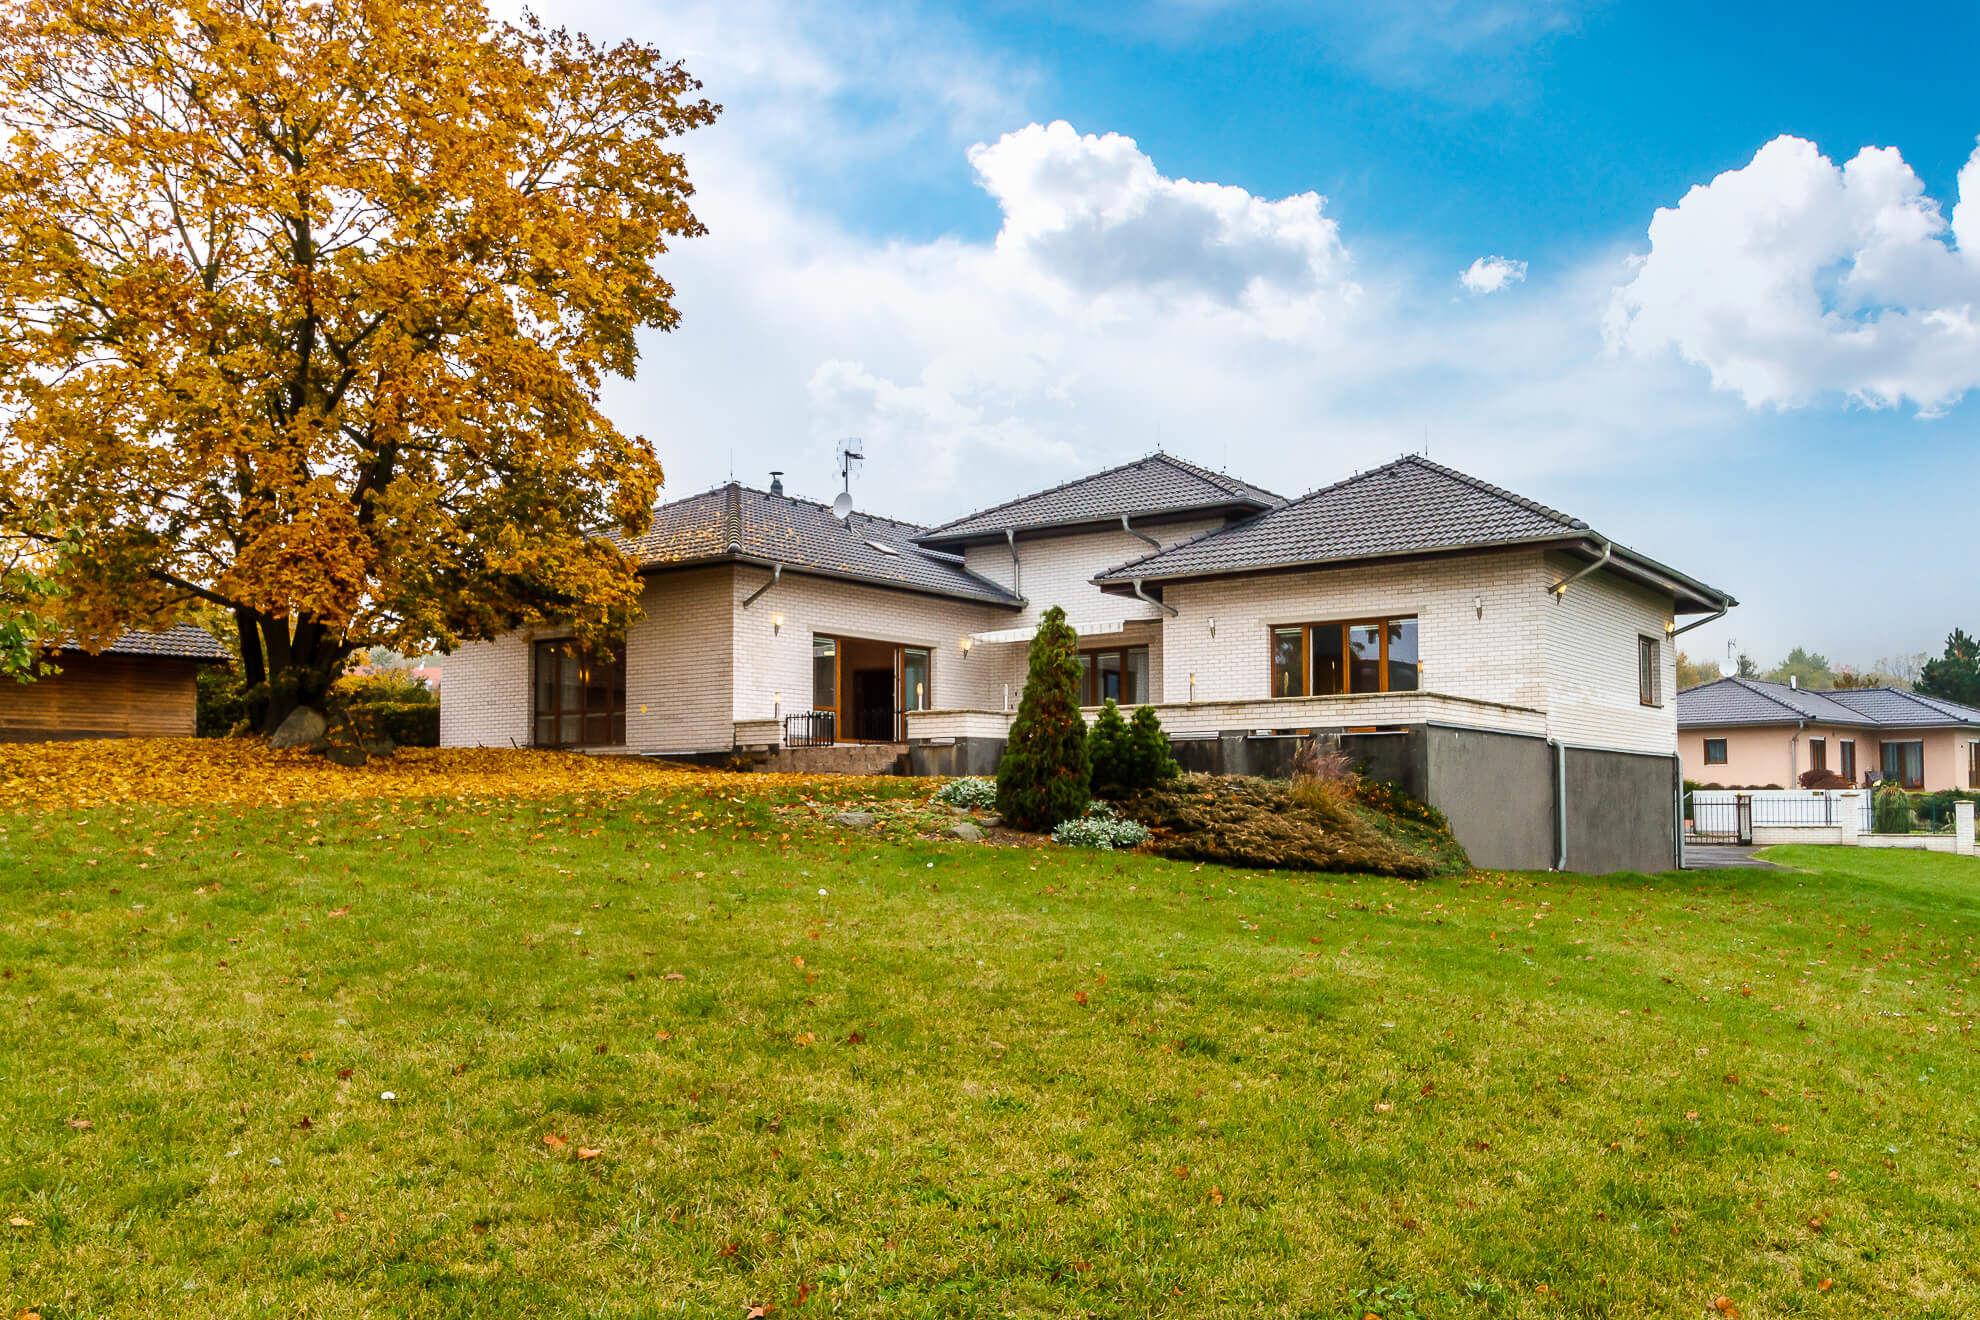 Prodej domu vosobním vlastnictví 220 m², Buš